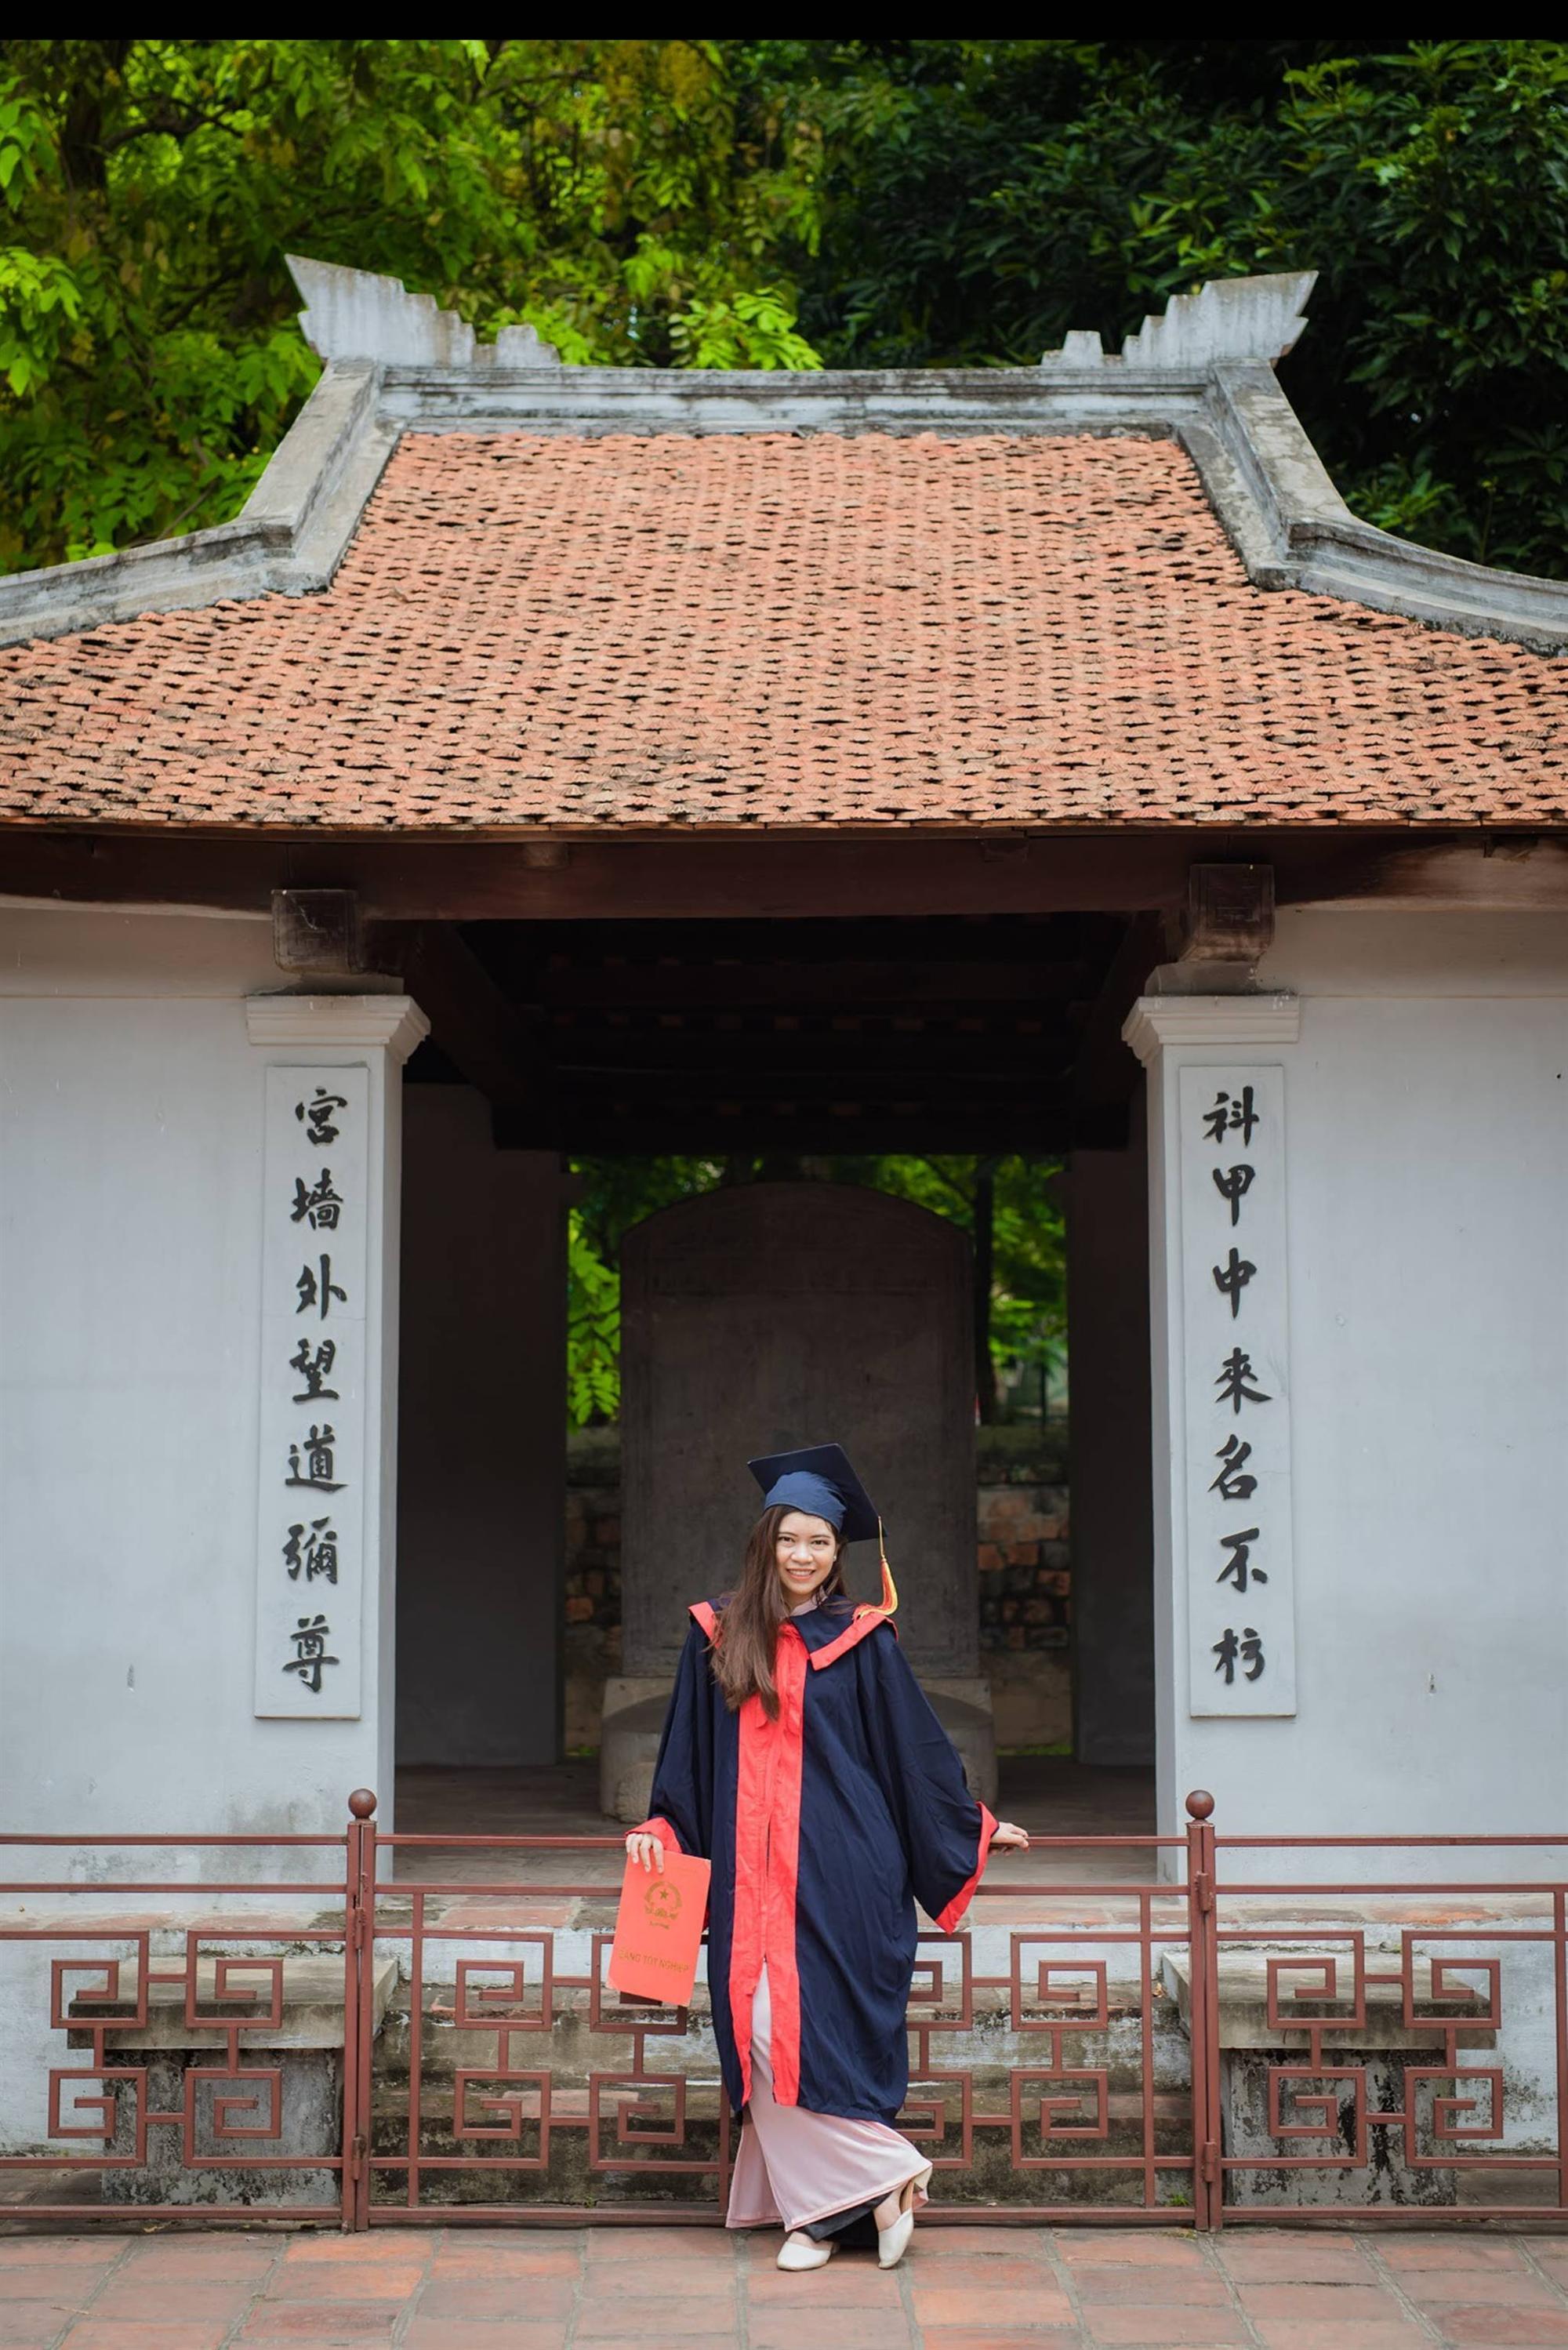 Nữ sinh người Thái tốt nghiệp thủ khoa trường Nhân văn với điểm 3.92/4: Điều mình shock nhất ở Việt Nam là quá nhiều xe máy và tiếng còi inh ỏi-5